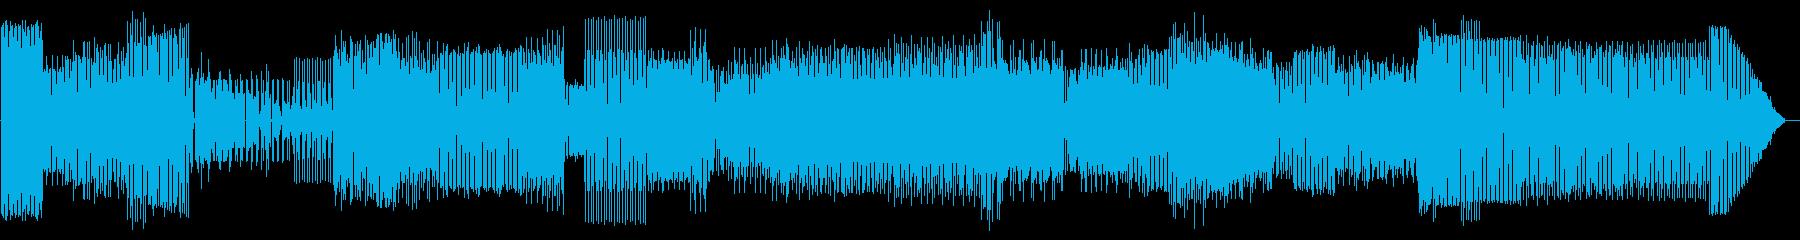 力ずよいリズムとDJ風味の乗りの良い楽…の再生済みの波形